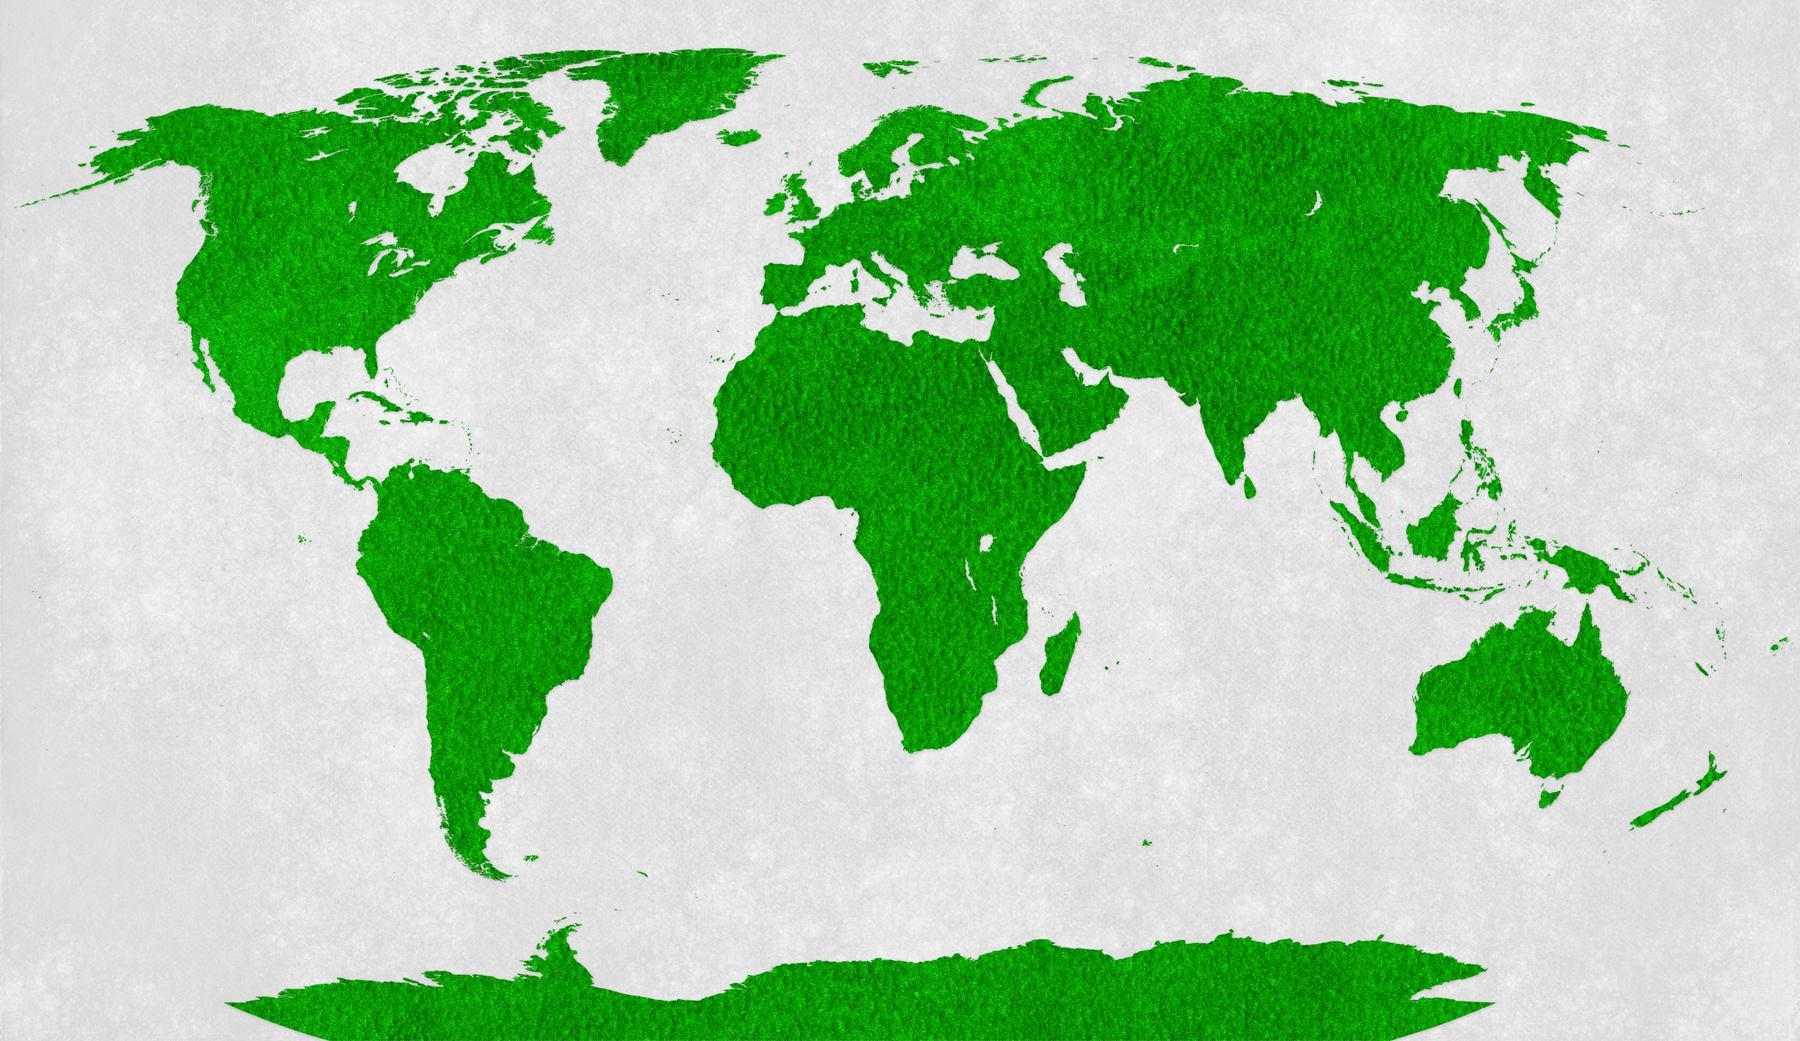 World map - green velvet photo